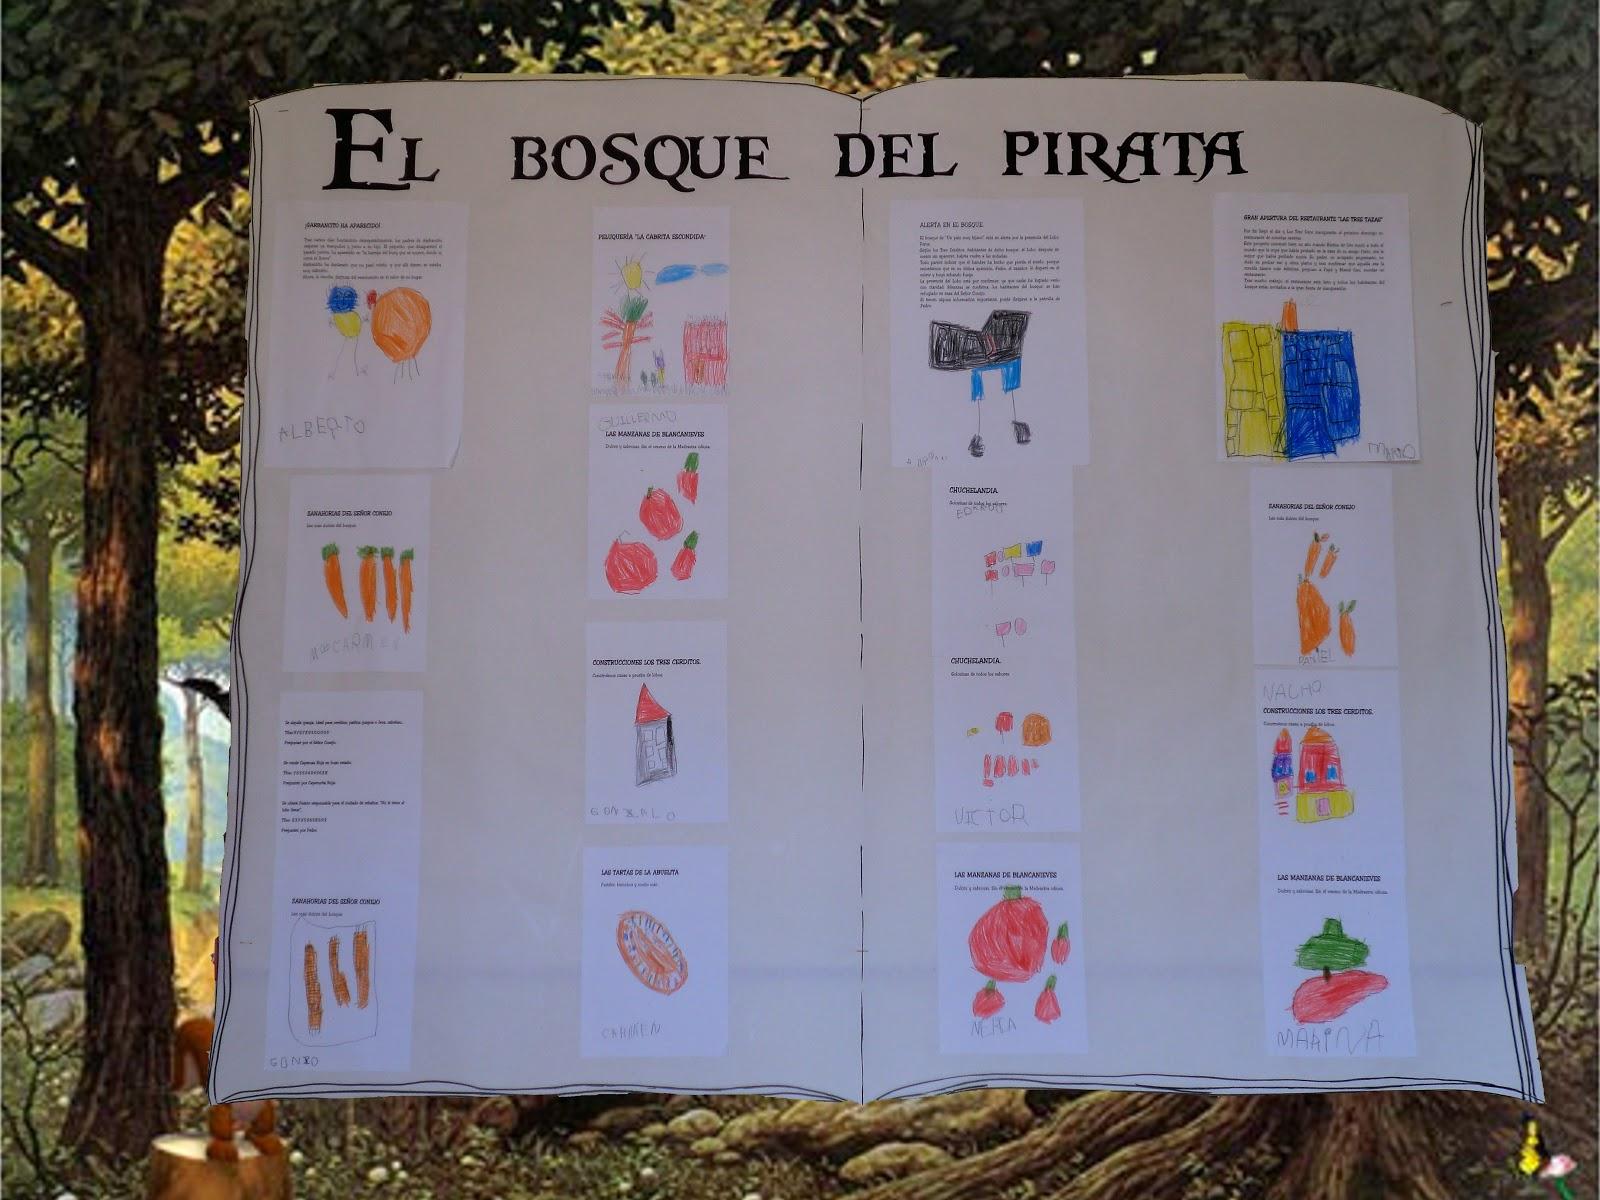 Ceip diego requena mayo 2012 for Caracteristicas de un mural